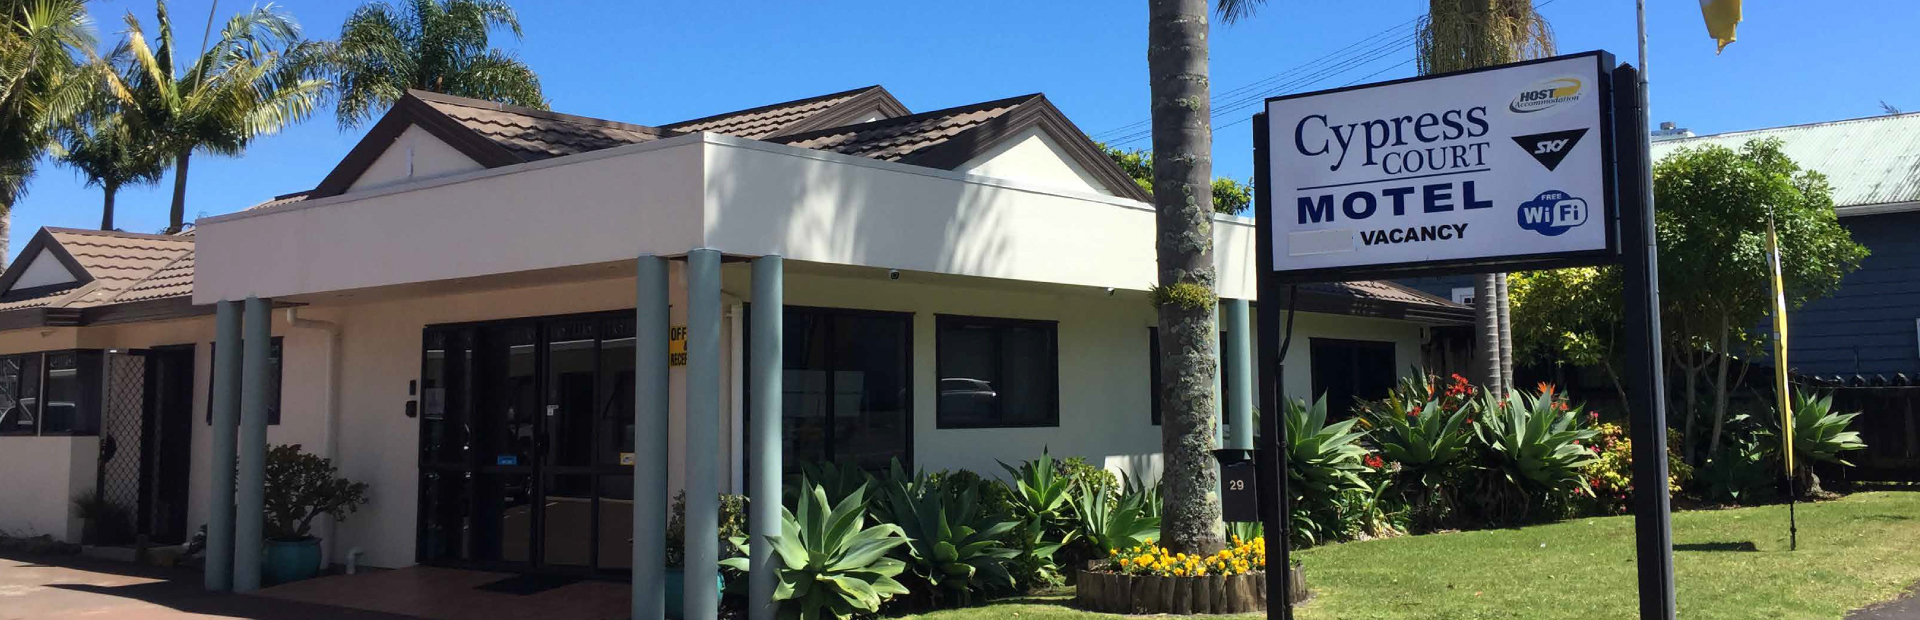 Cypress-Court-Motel-Whangarei